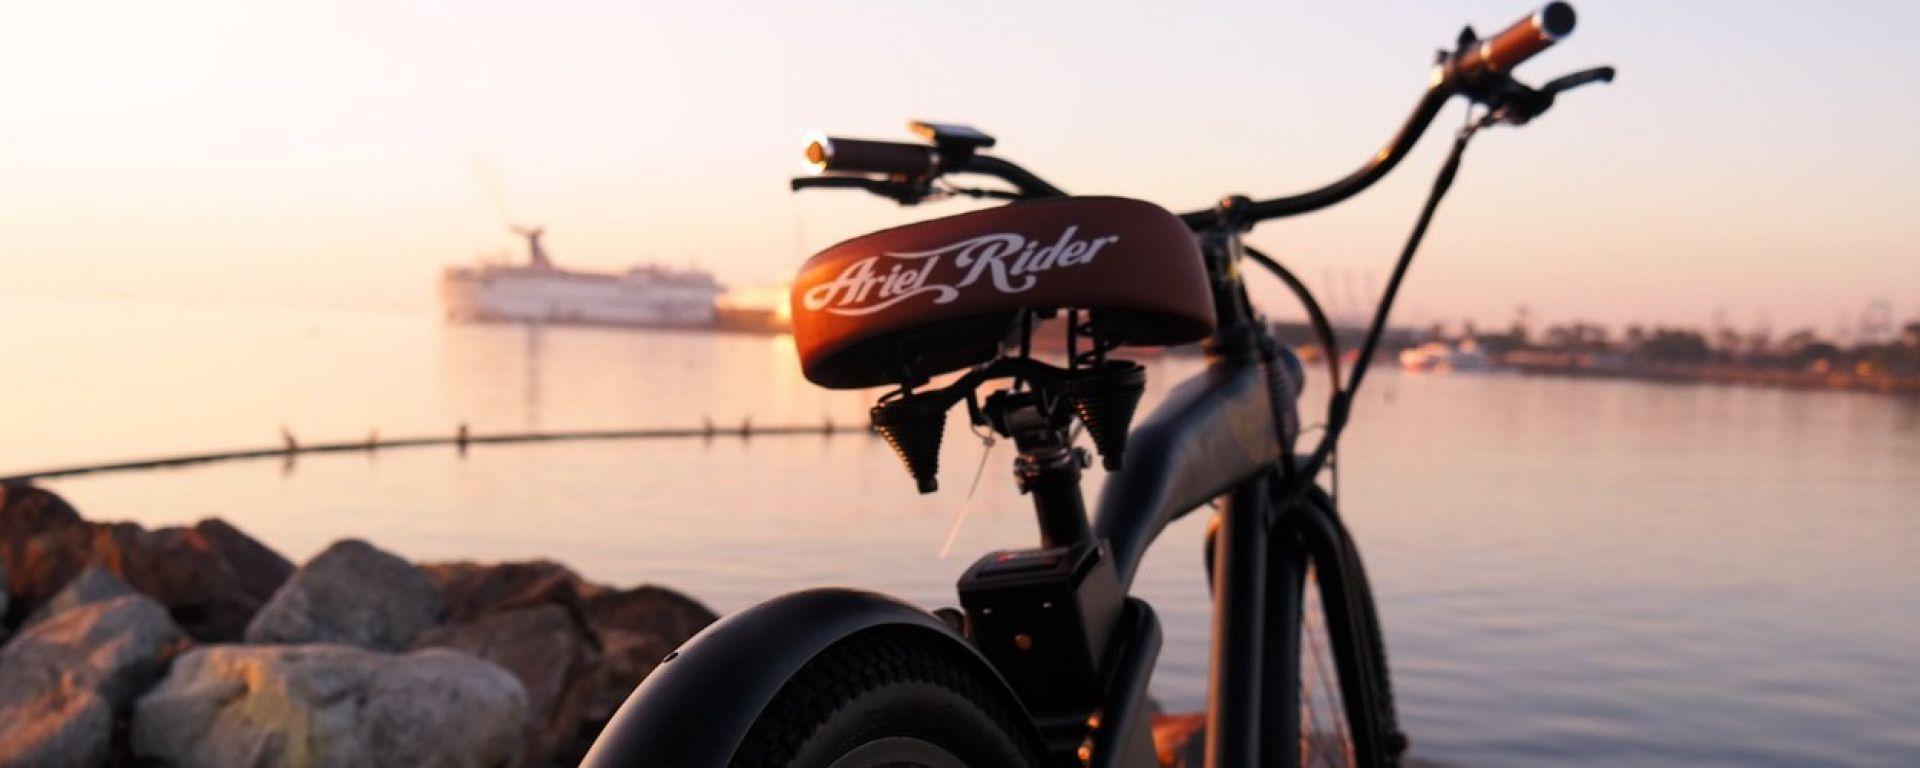 Ariel Rider W-Class